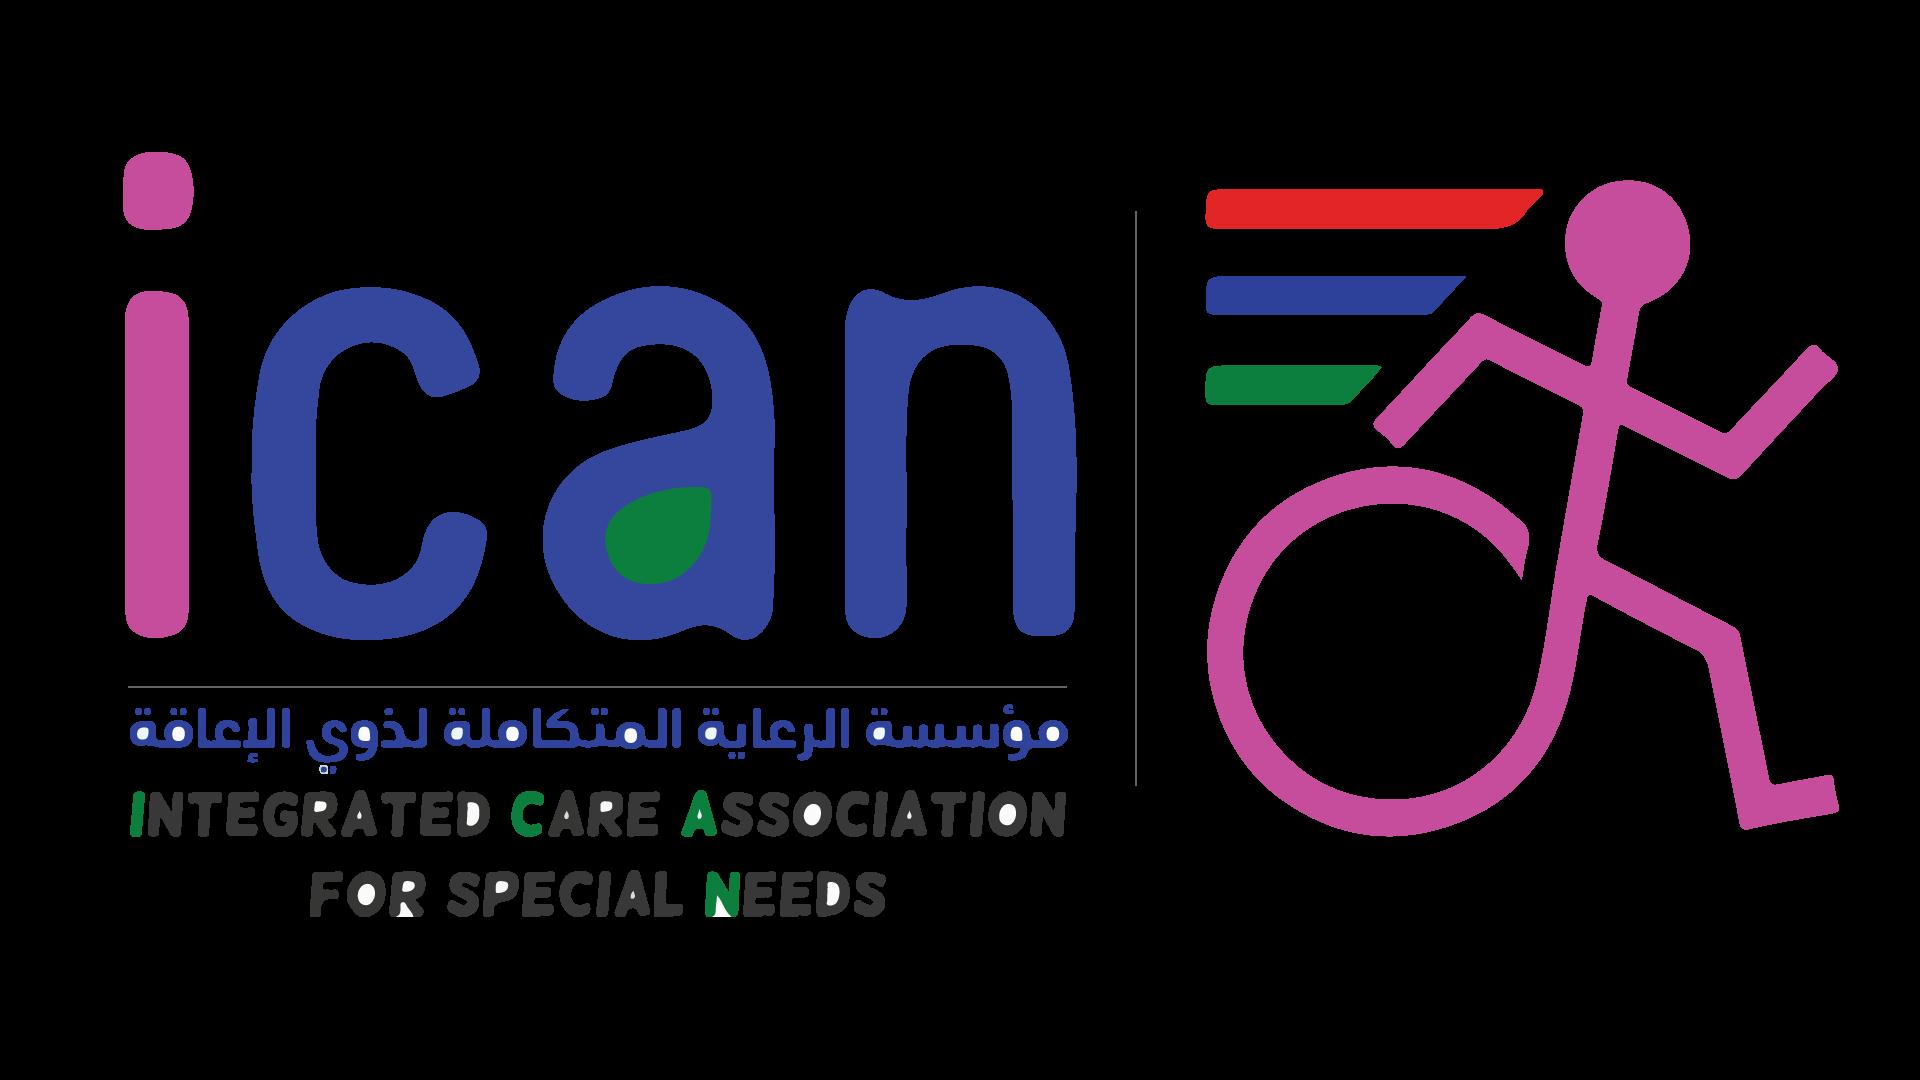 مؤسسة الرعاية المتكاملة بالكويت فى الكويت تعلن عن وظائف جديدة